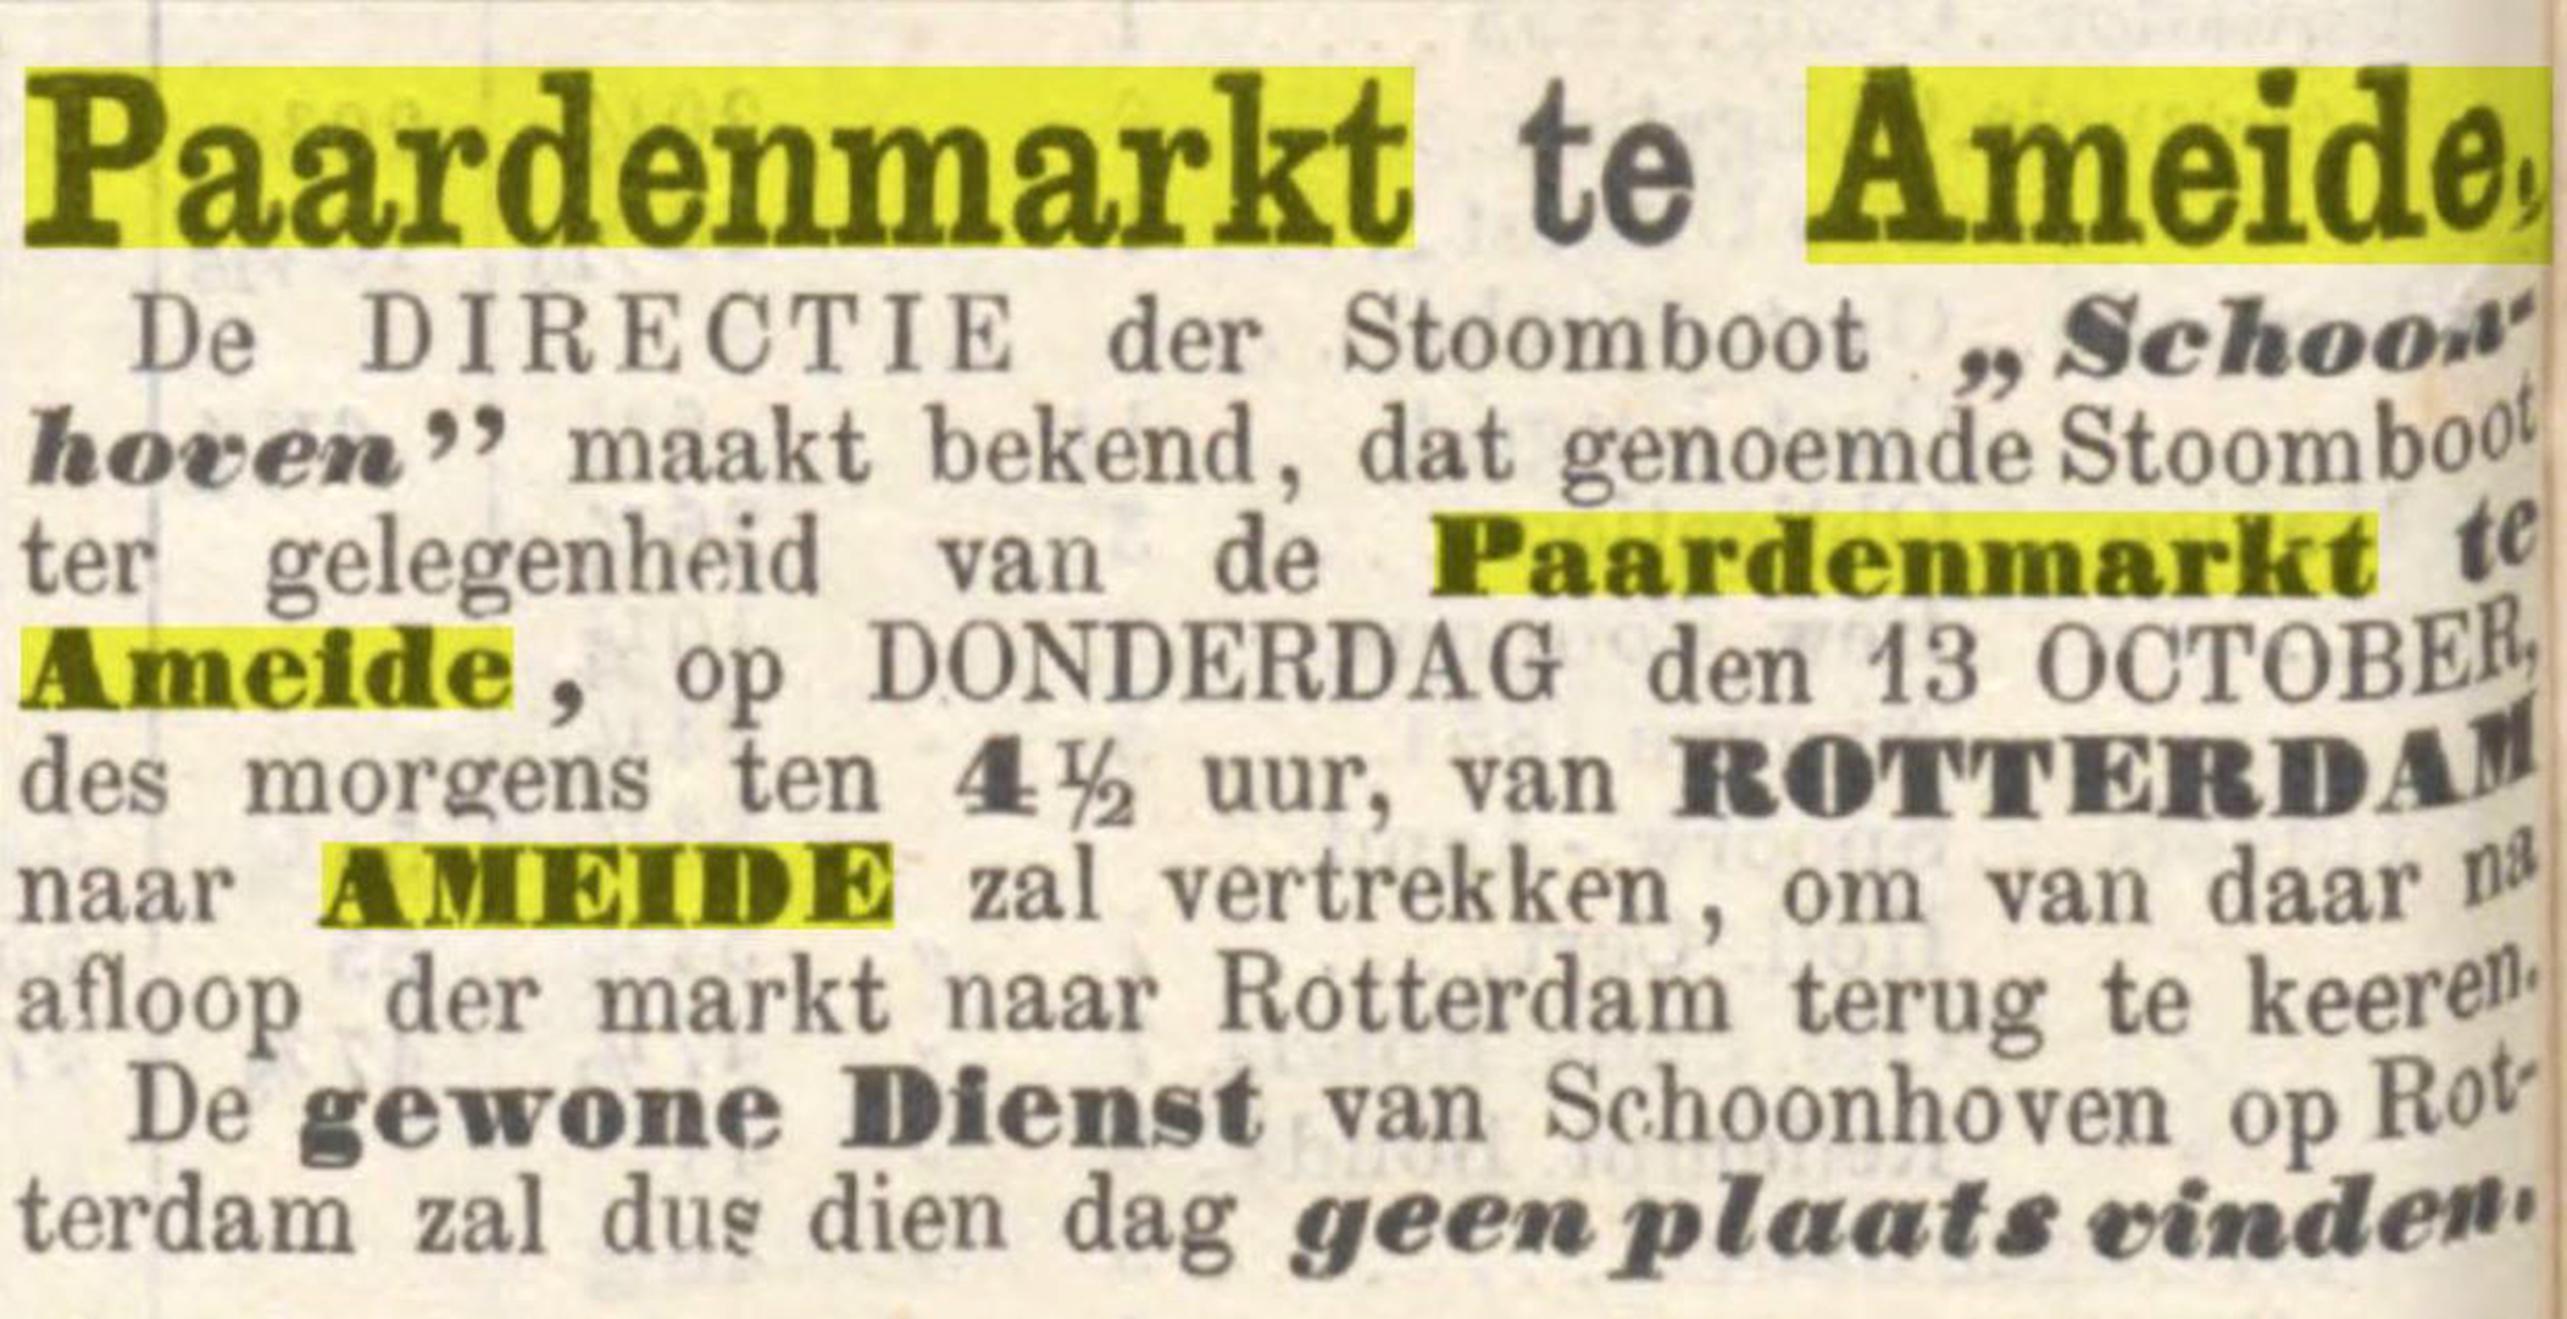 rotterdamsche-courant-04-10-1864